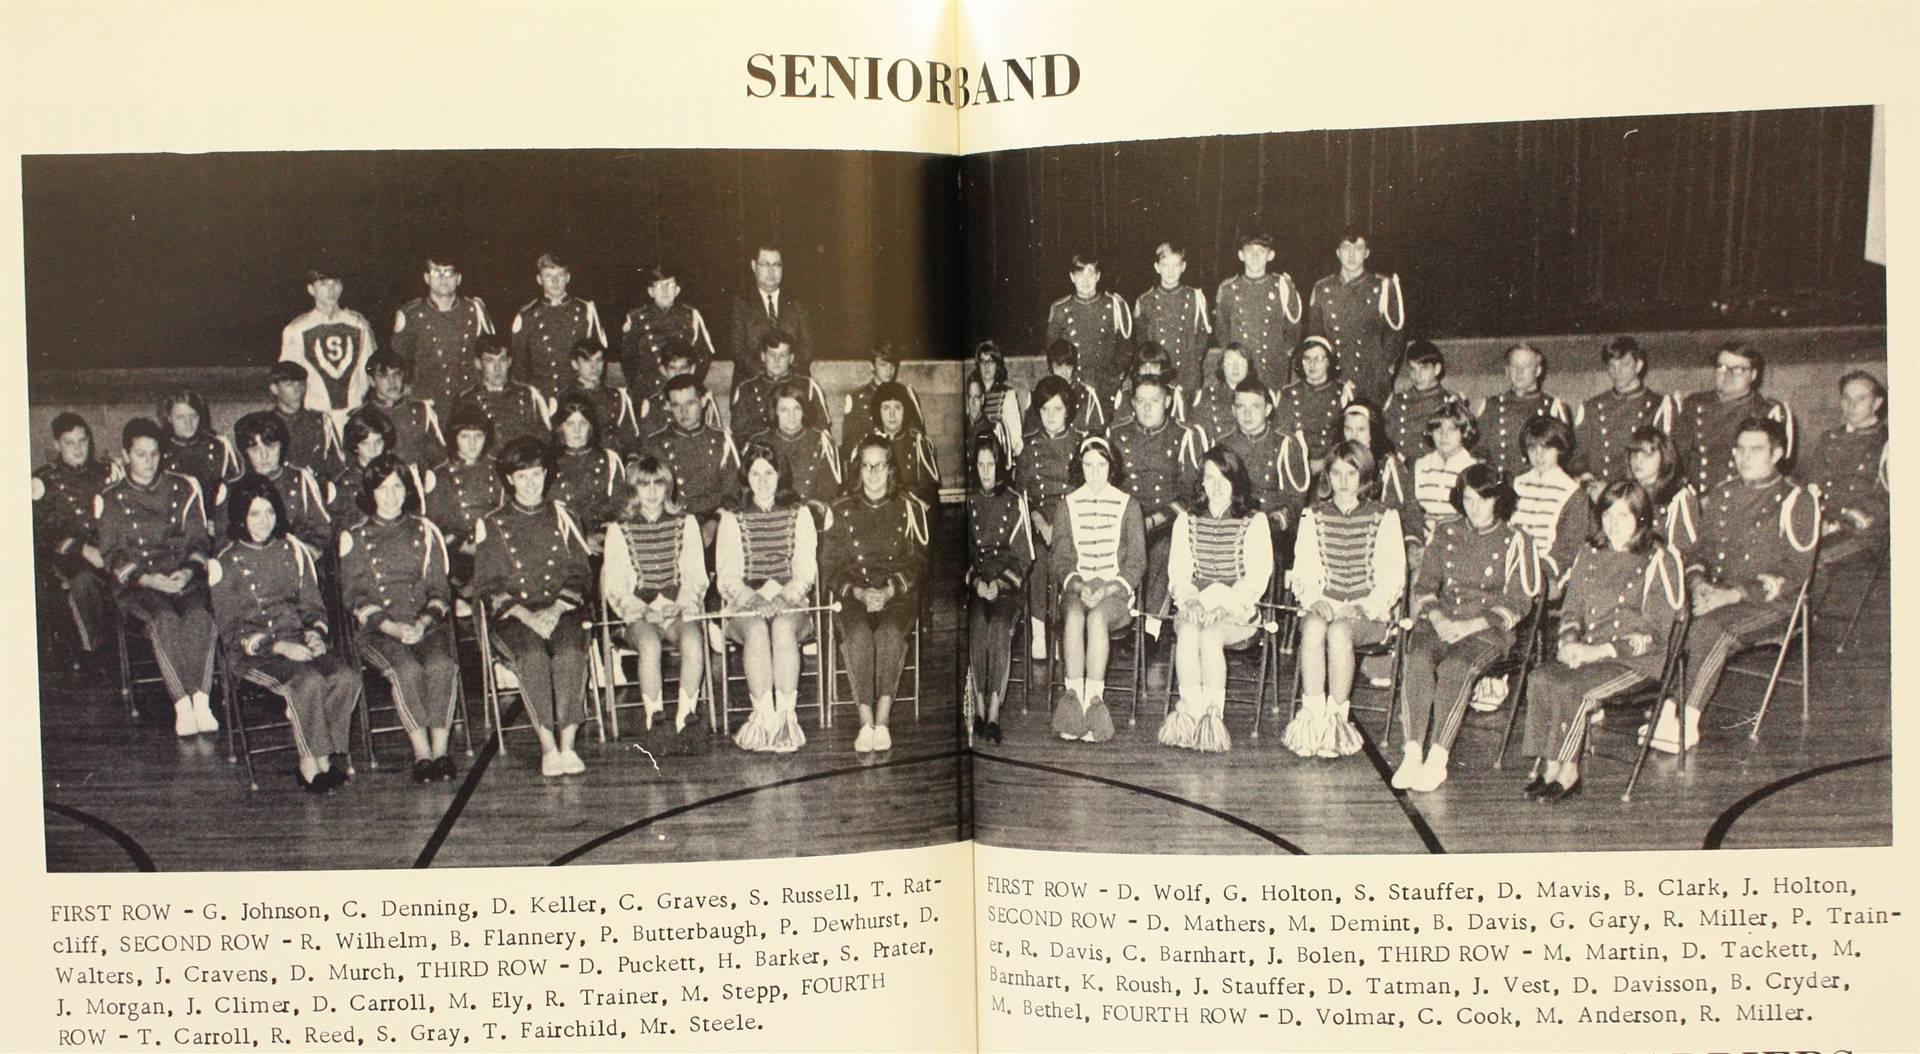 1969 Senior Band